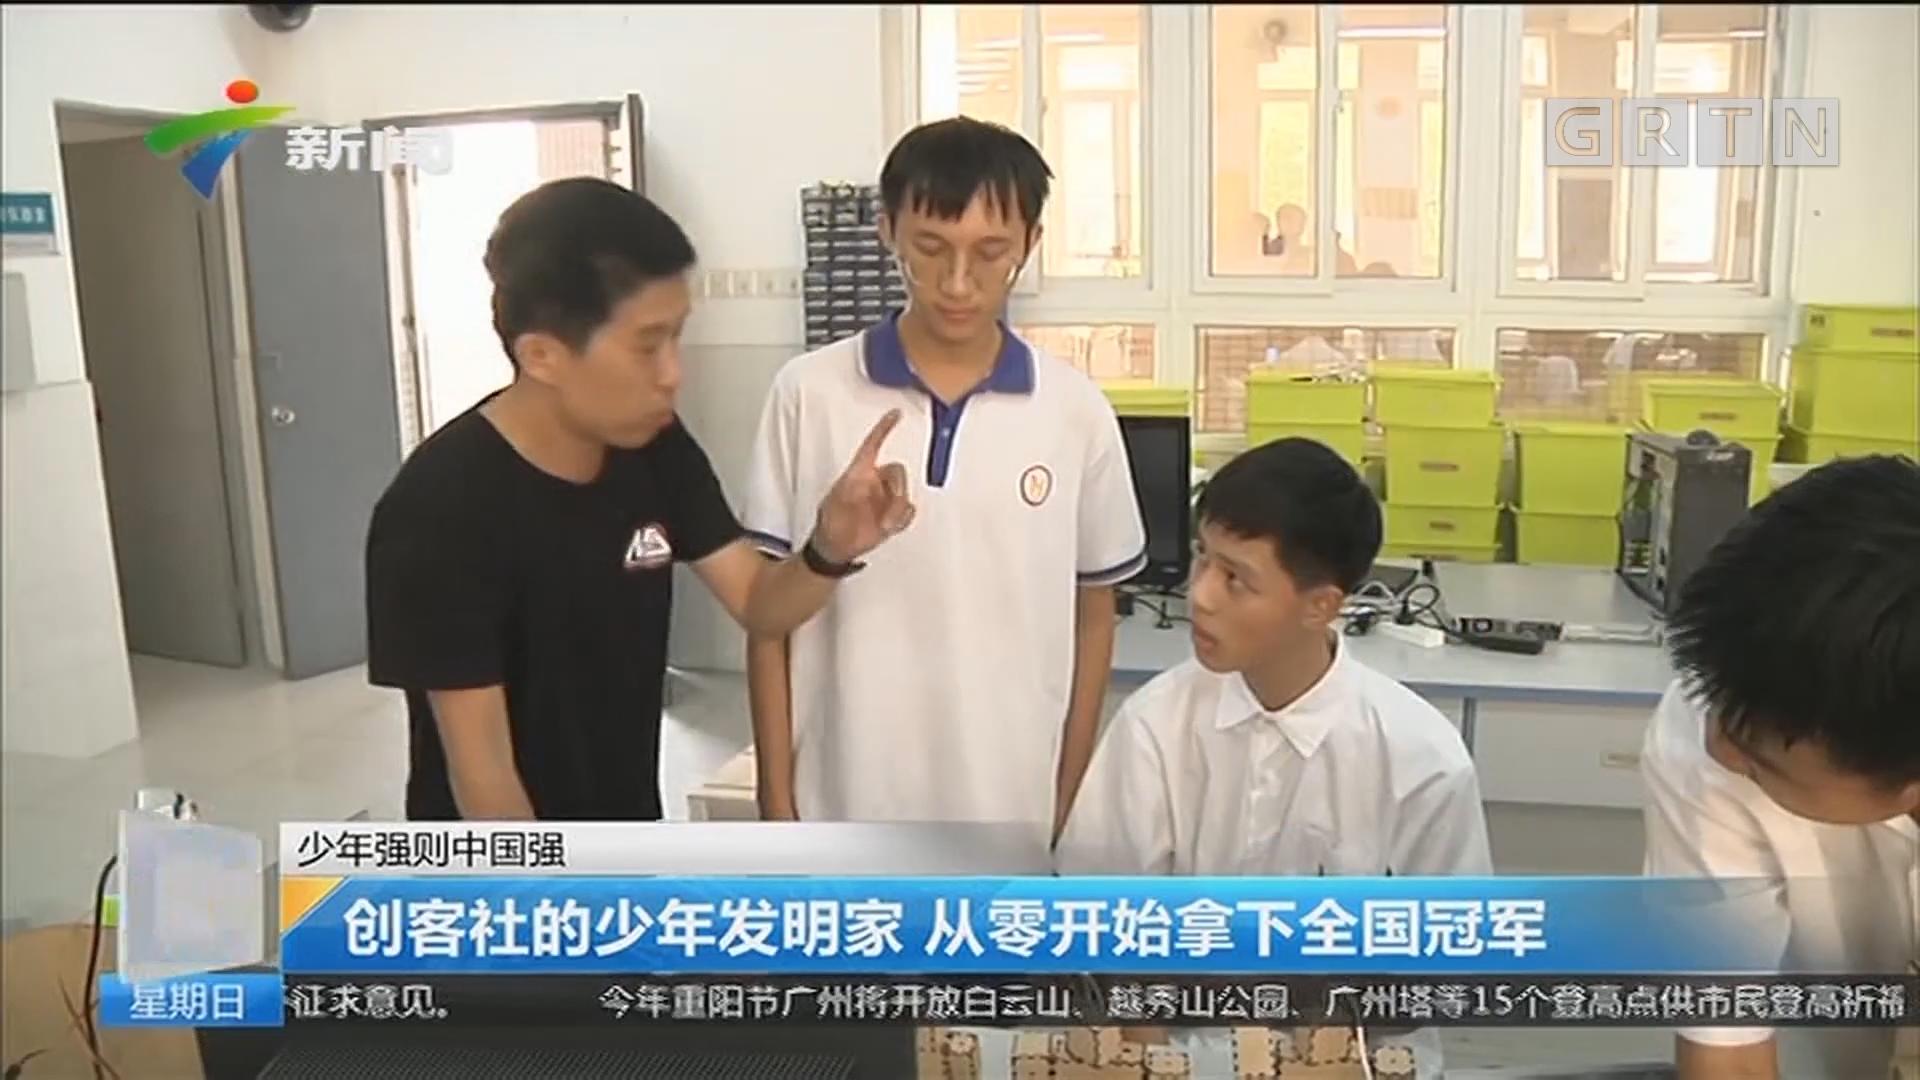 少年强则中国强:创客社的少年发明家 从零开始拿下全国冠军